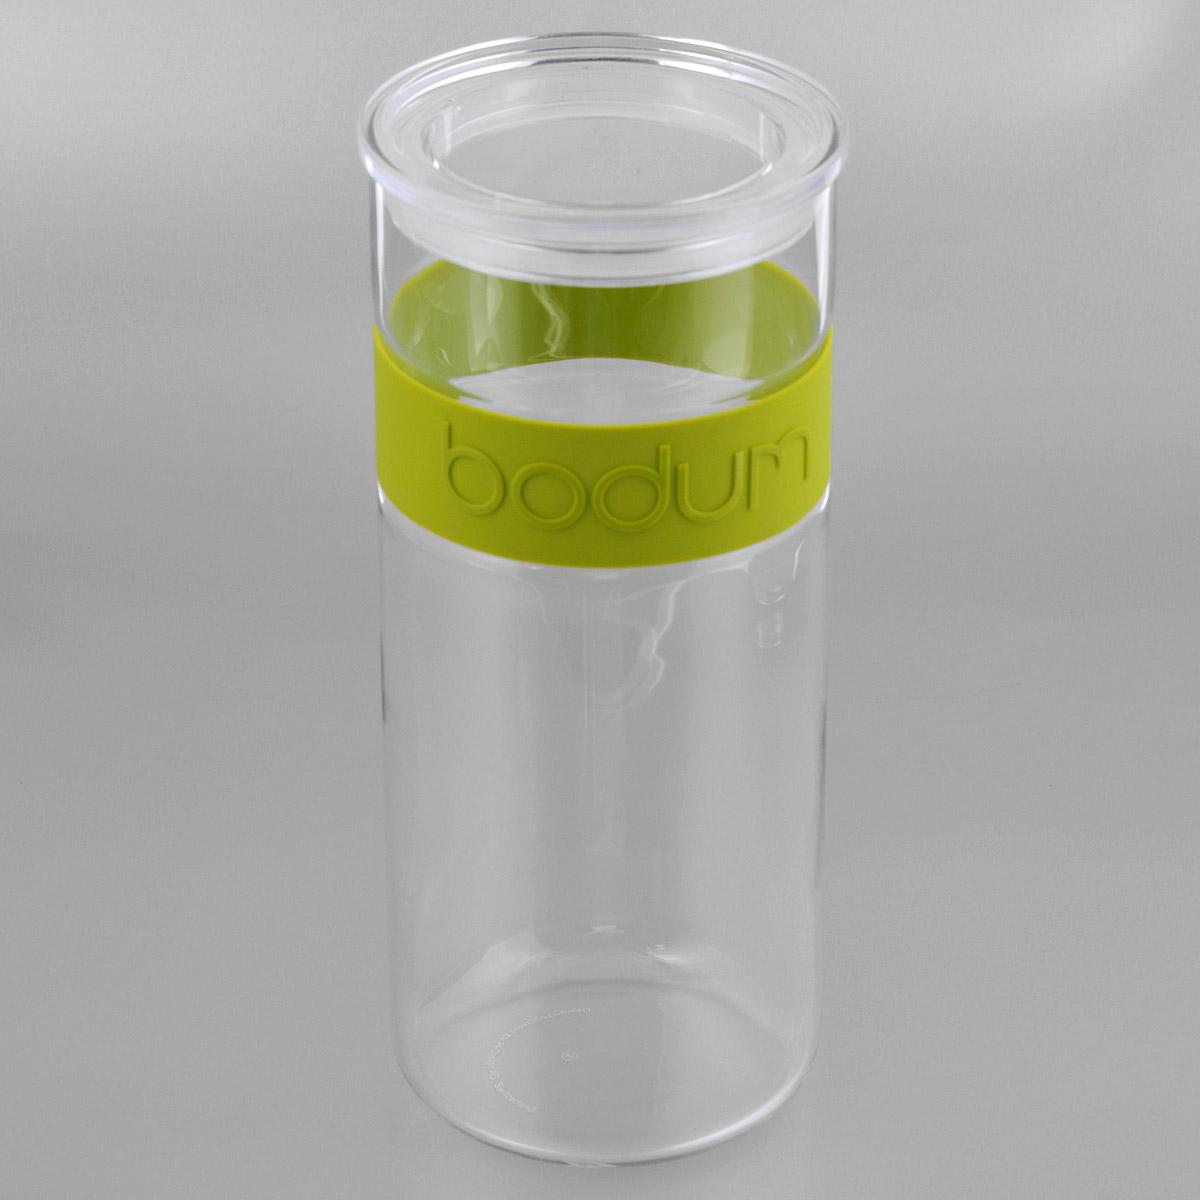 Банка для хранения Bodum Presso, цвет: зеленый, 2,5 л4630003364517Банка для хранения Bodum Presso изготовлена из прозрачного стекла со вставкой из приятного на ощупь силикона. Стеклянная посуда не впитывает запахов продуктов и очень удобна в использовании. Банка оснащена плотно закрывающейся пластиковой крышкой с термоусадкой. Благодаря этому внутри сохраняется герметичность, и продукты дольше остаются свежими. Изделие предназначено для хранения различных сыпучих продуктов: круп, чая, сахара, орехов и многого другого. Функциональная и вместительная, такая банка станет незаменимым аксессуаром на любой кухне. Можно мыть в посудомоечной машине. Объем банки: 2,5 л.Диаметр банки (по верхнему краю): 11,5 см.Высота банки: 28 см.